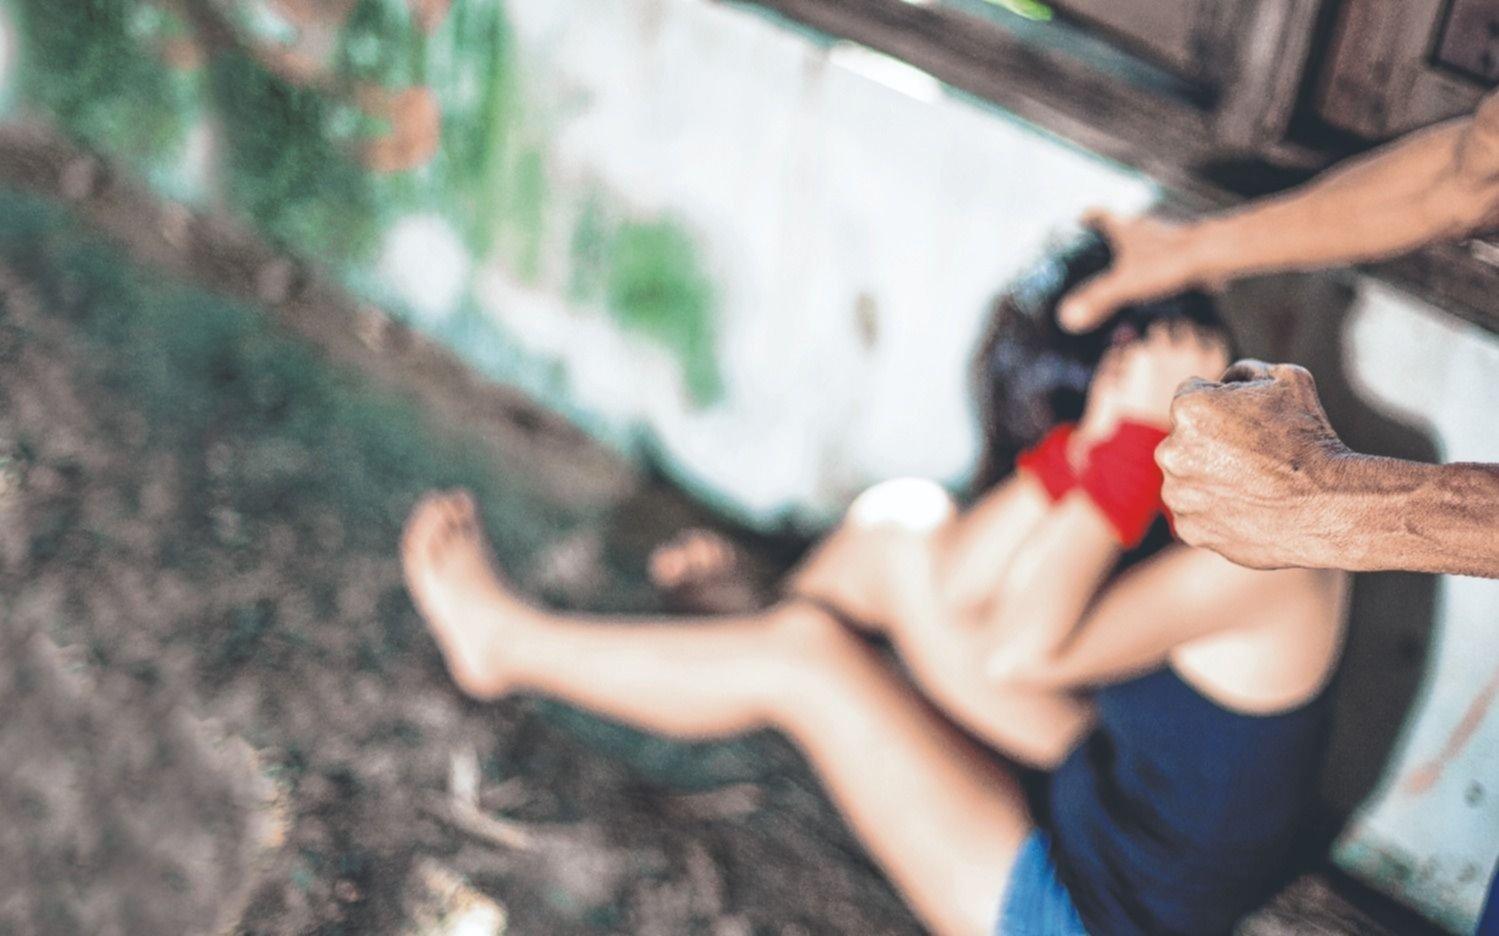 En Formosa, un nuevo femicidio: una chica de 16 atacada en un parque